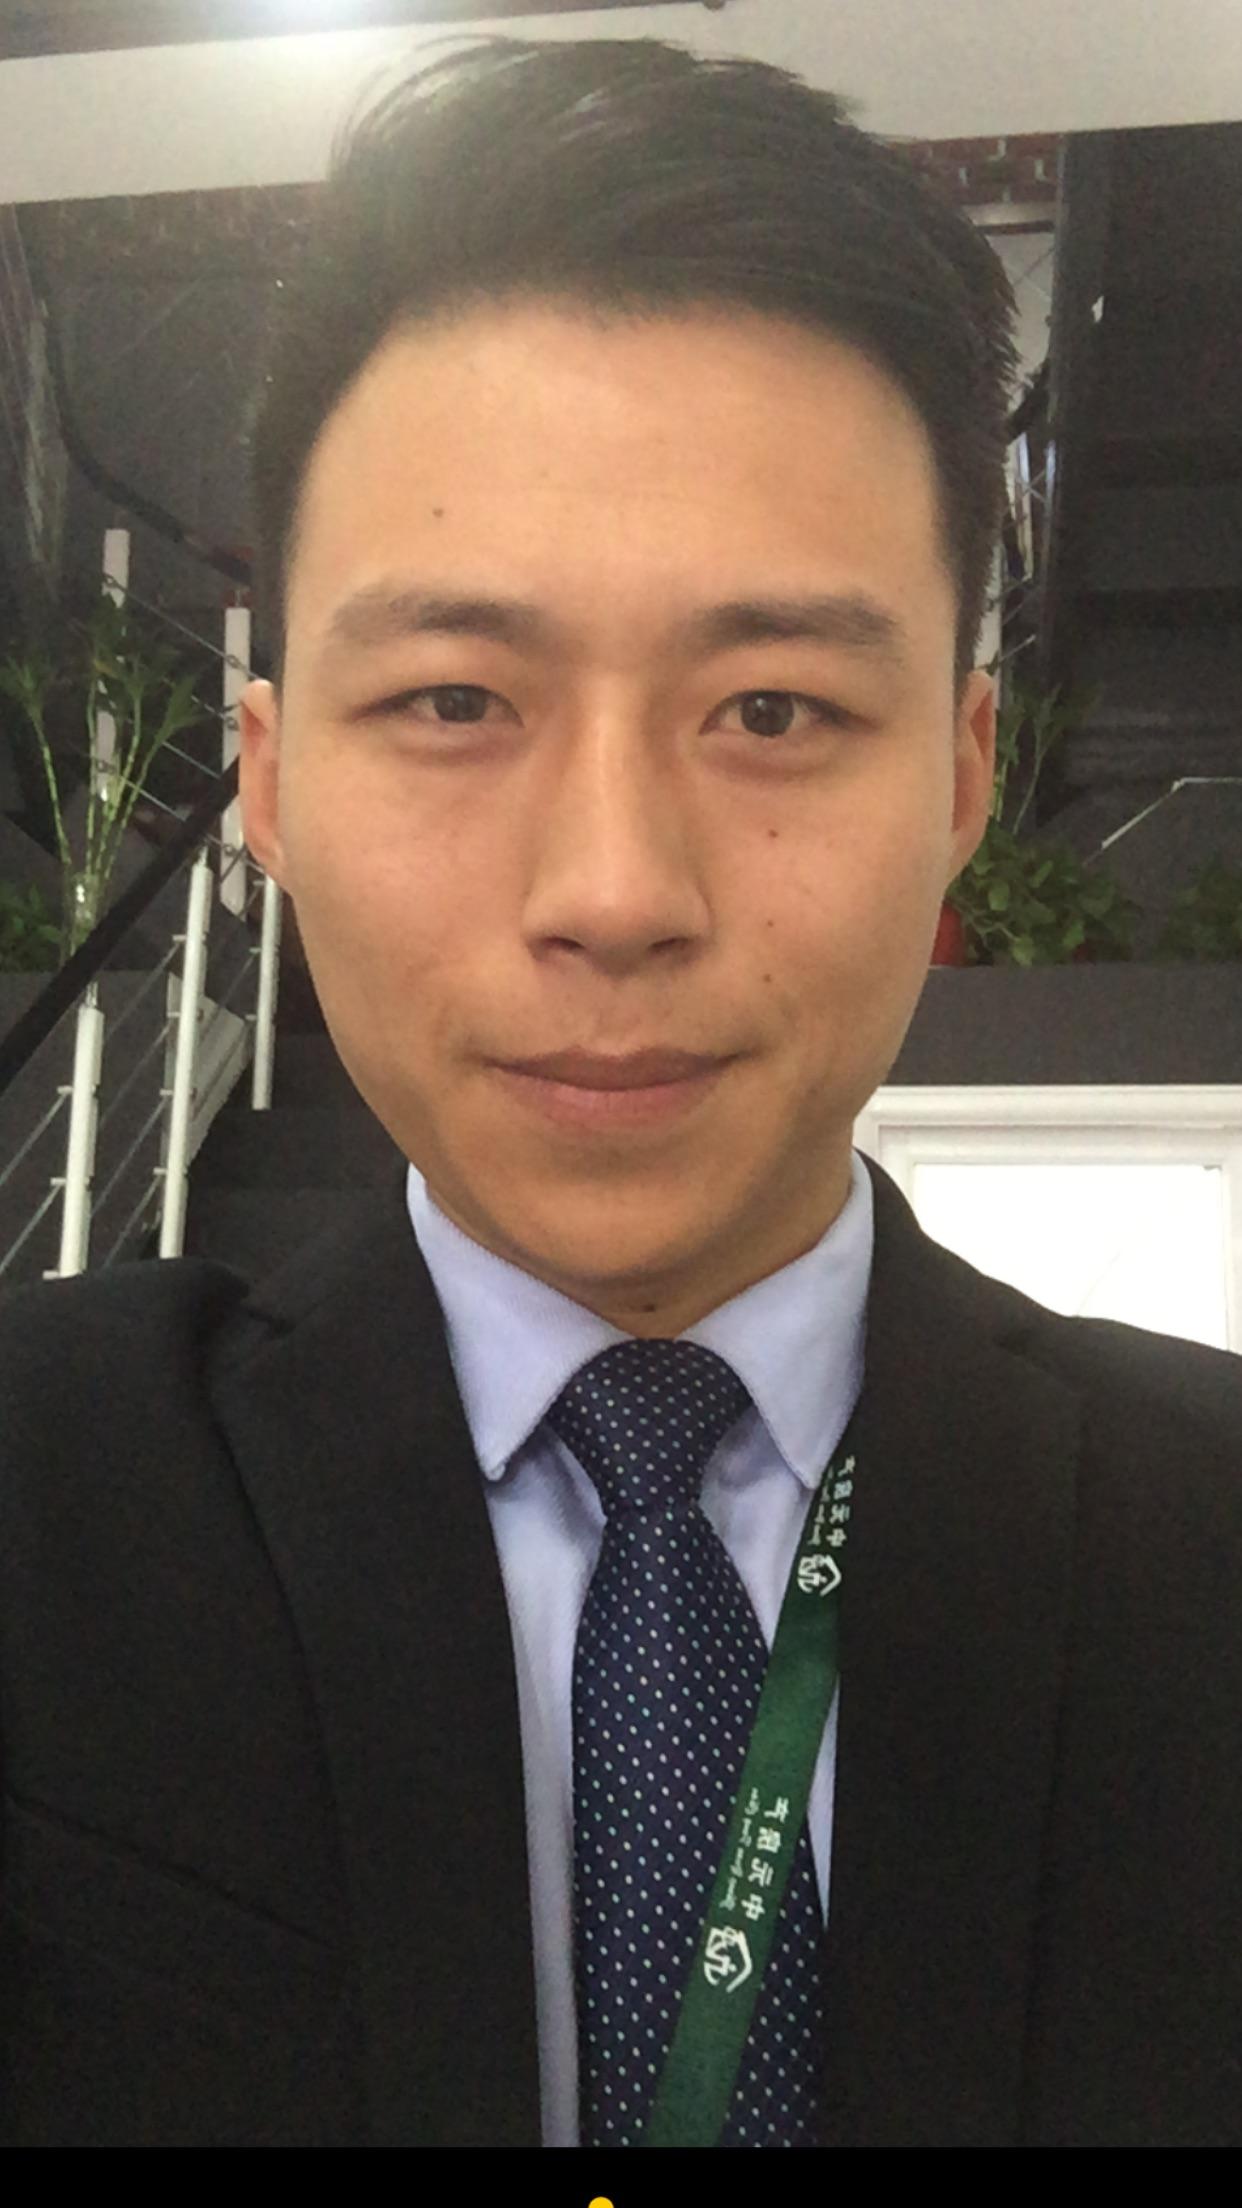 【帅男秀场】徐光明 27岁 天秤座 房产经纪人图片